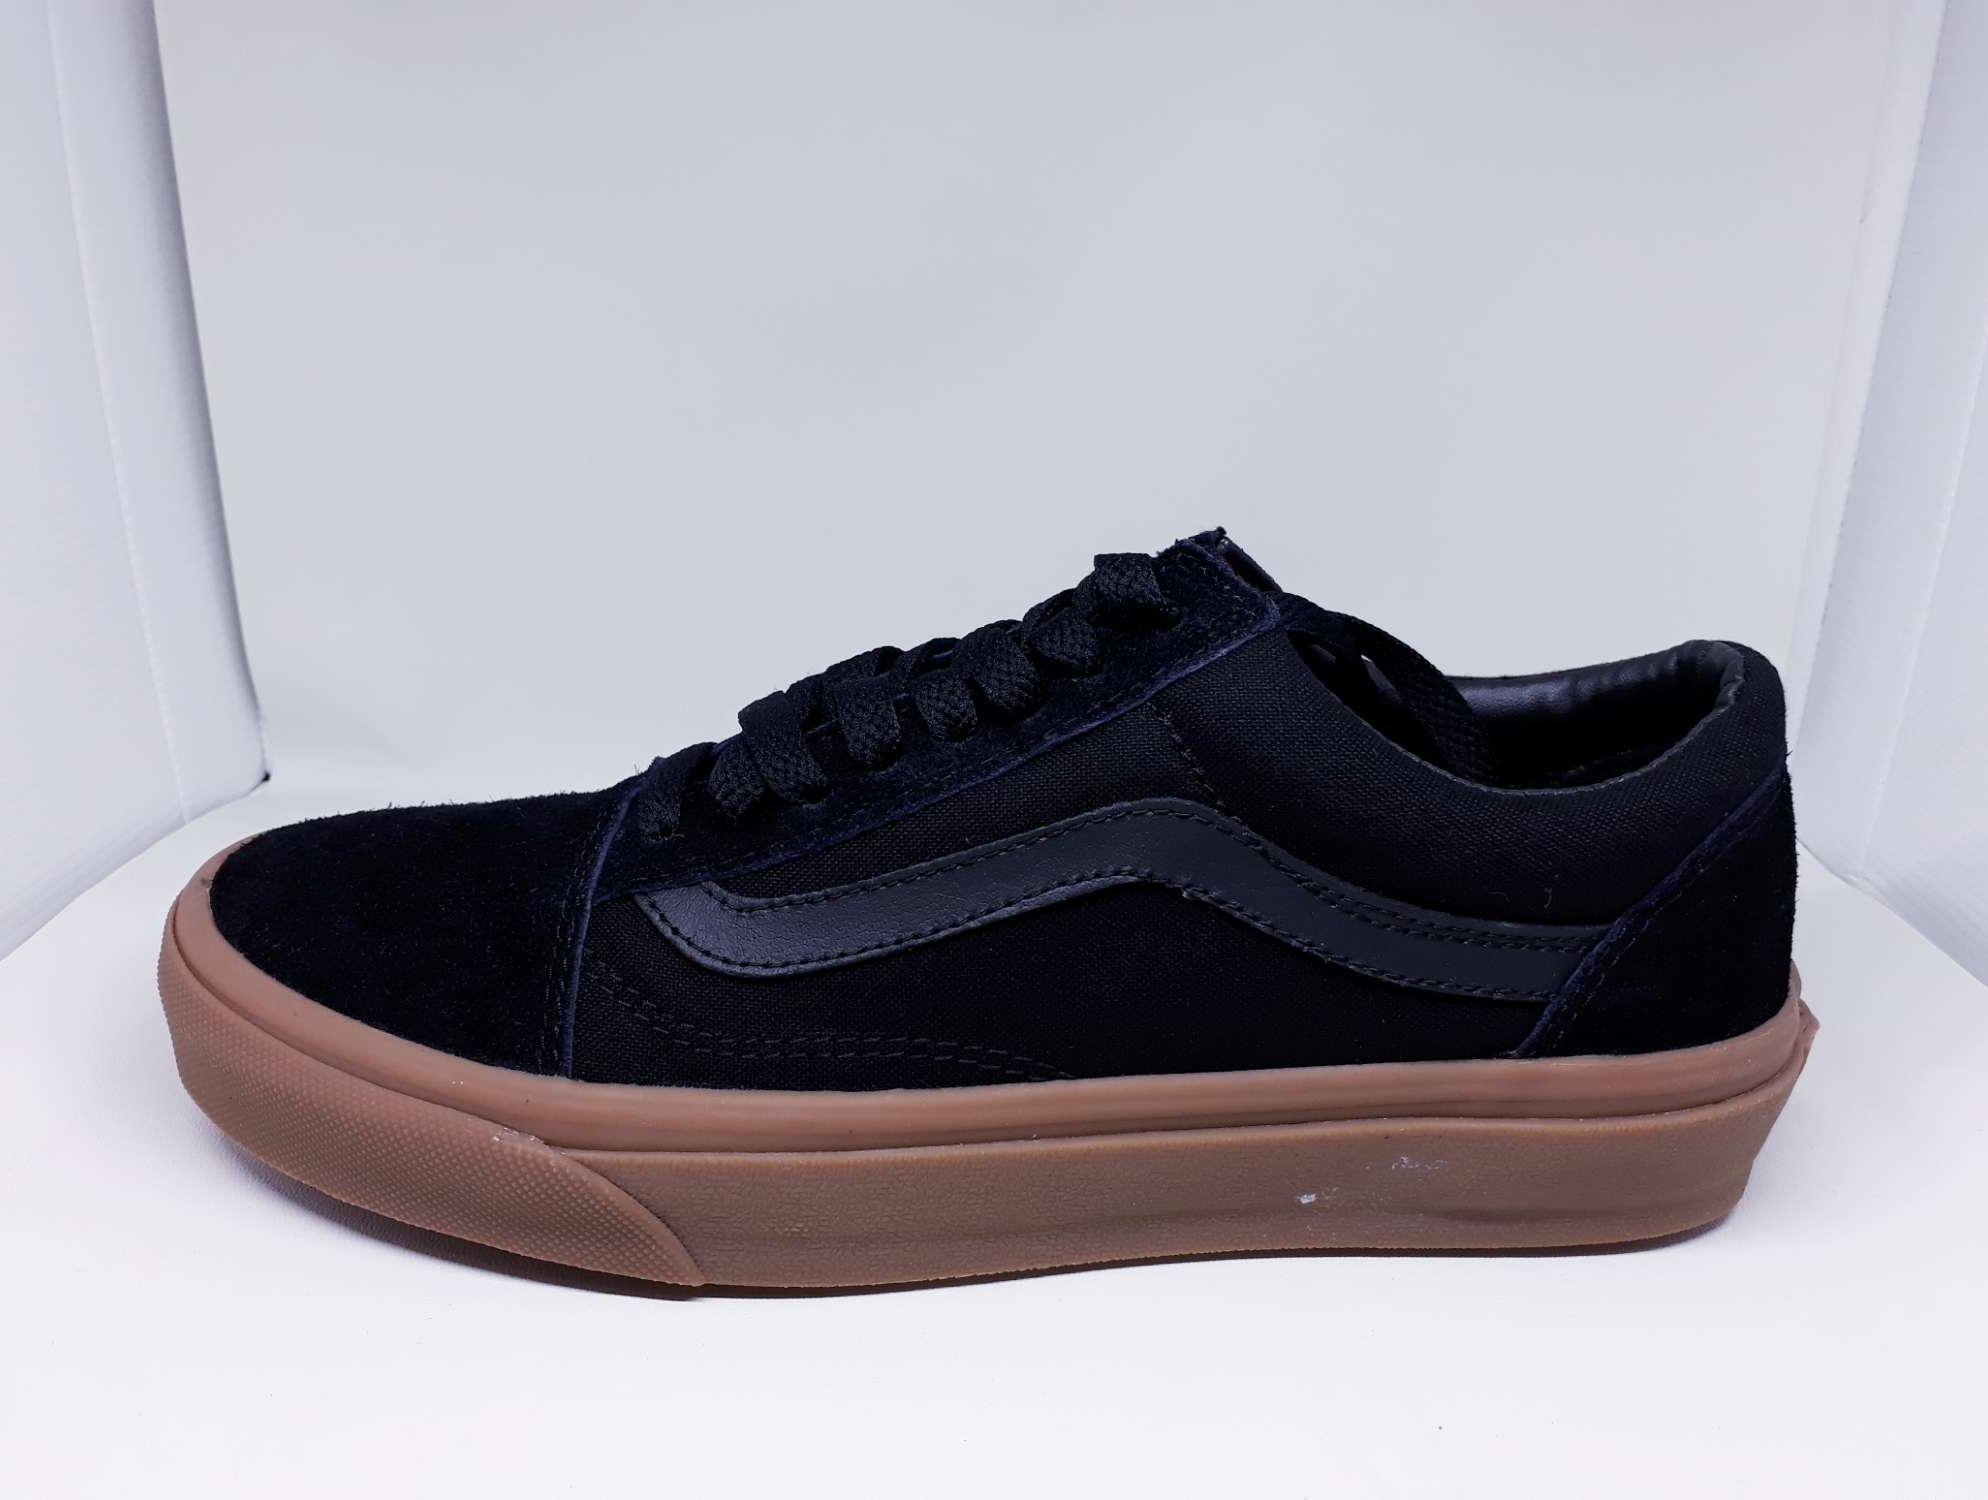 Sepatu Vans Old Skool Mono Black Gum